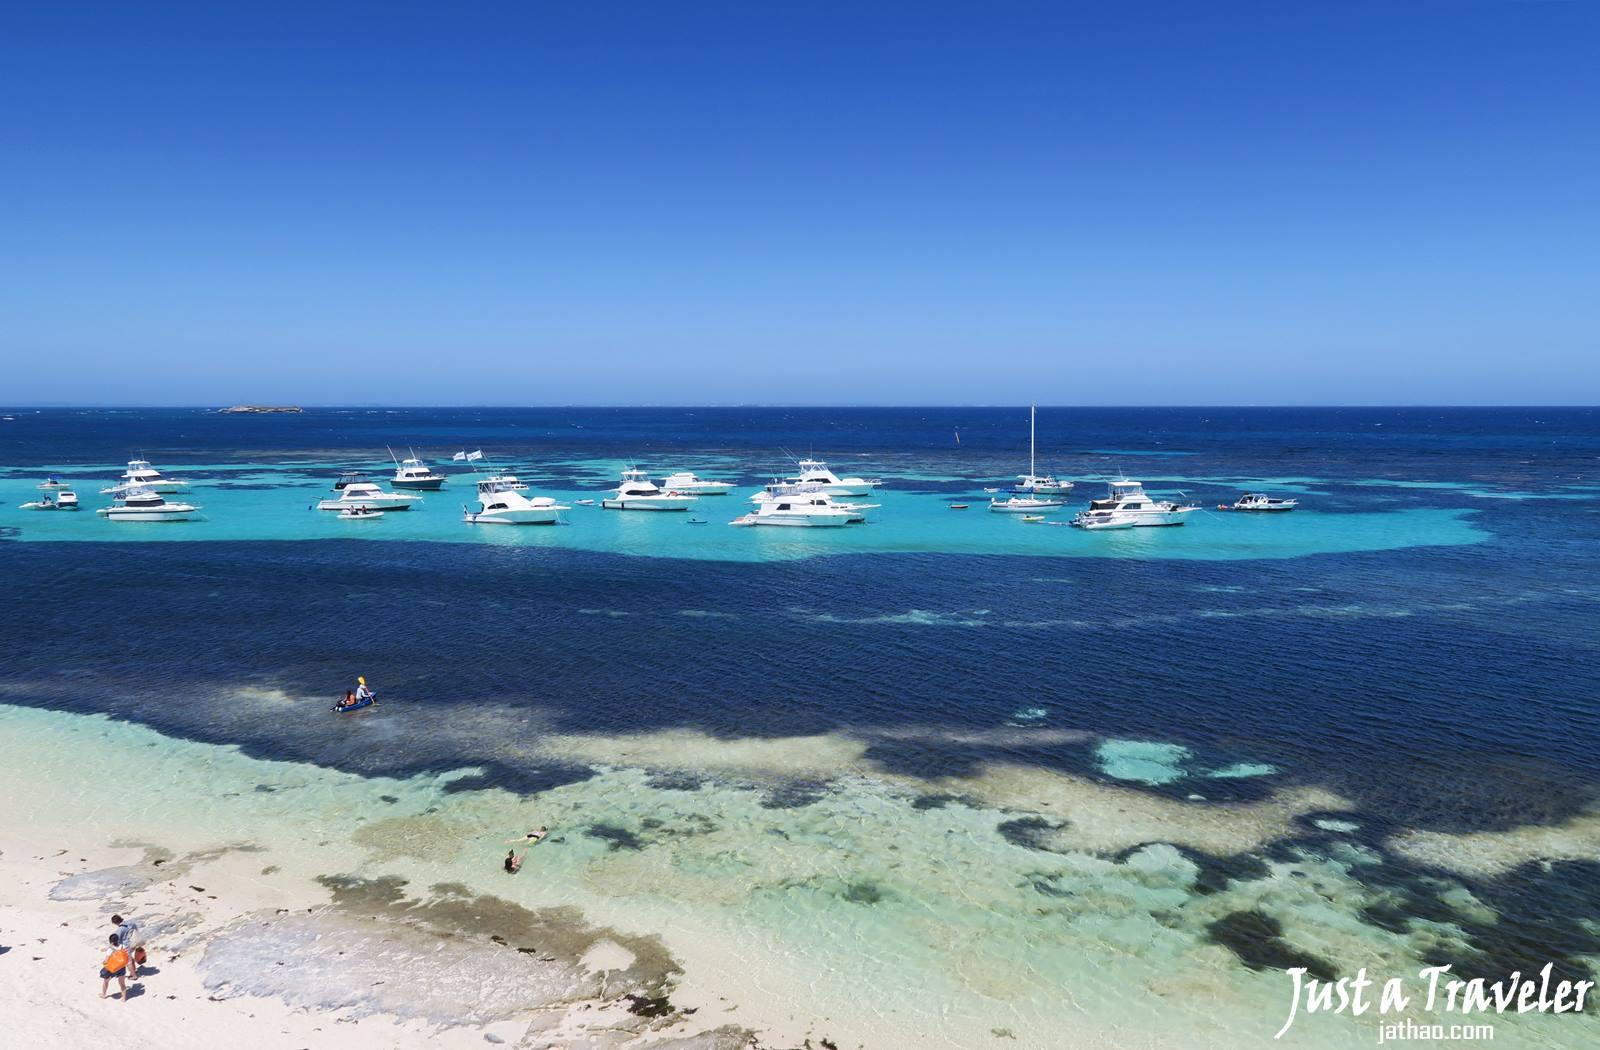 澳洲-伯斯-景點-推薦-必玩-必去-自由行-行程-攻略-旅遊-一日遊-二日遊-交通-Perth-Travel-Tourist-Attraction